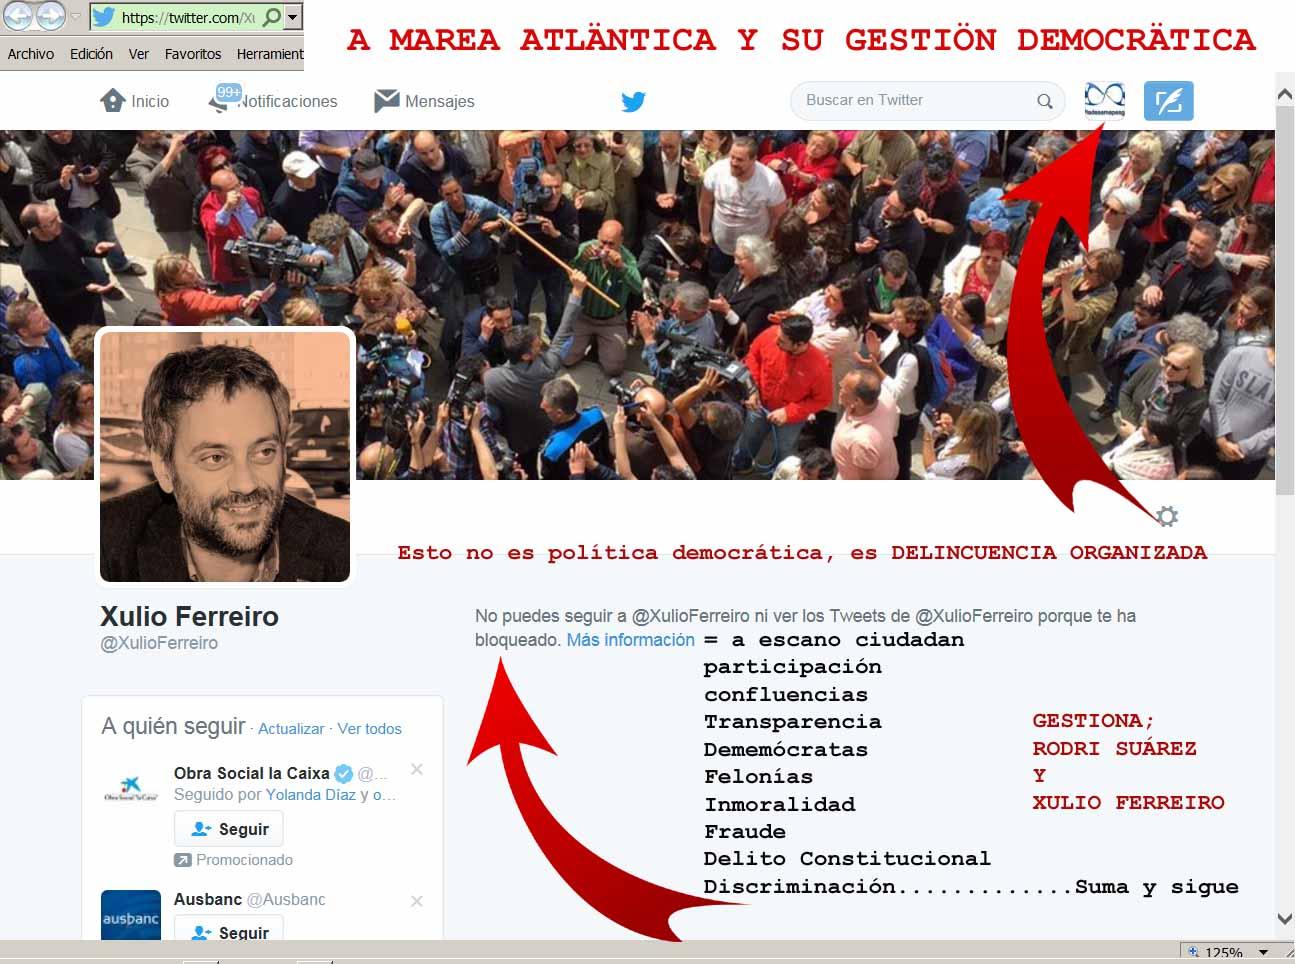 #Transparencia de #XulioFerreiro una #BurlaNegra del #fuel que mancha #MaríaPita bajo una #faltadeprestige total